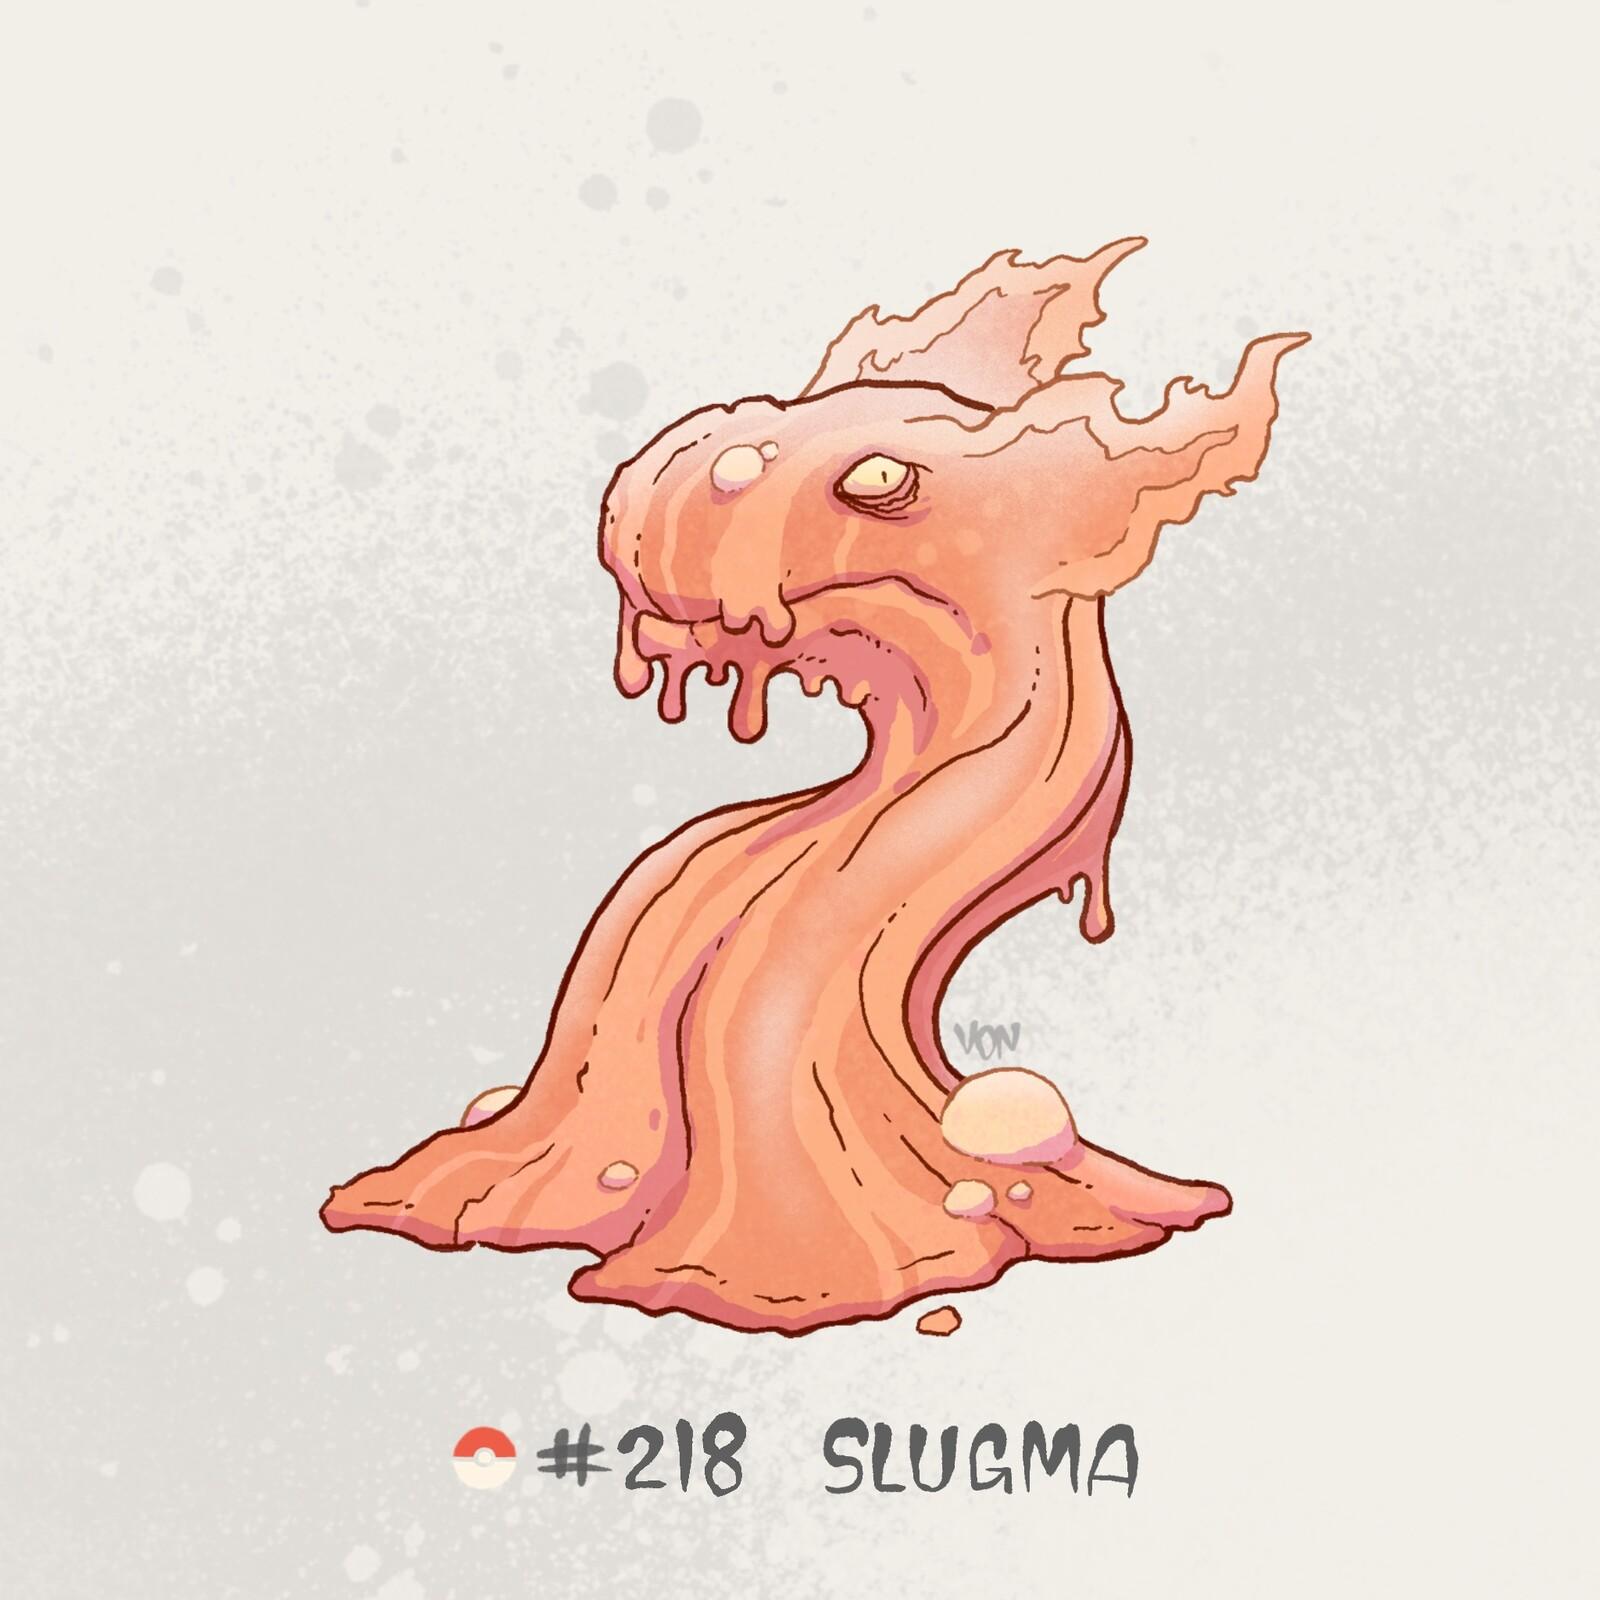 #218 Slugma